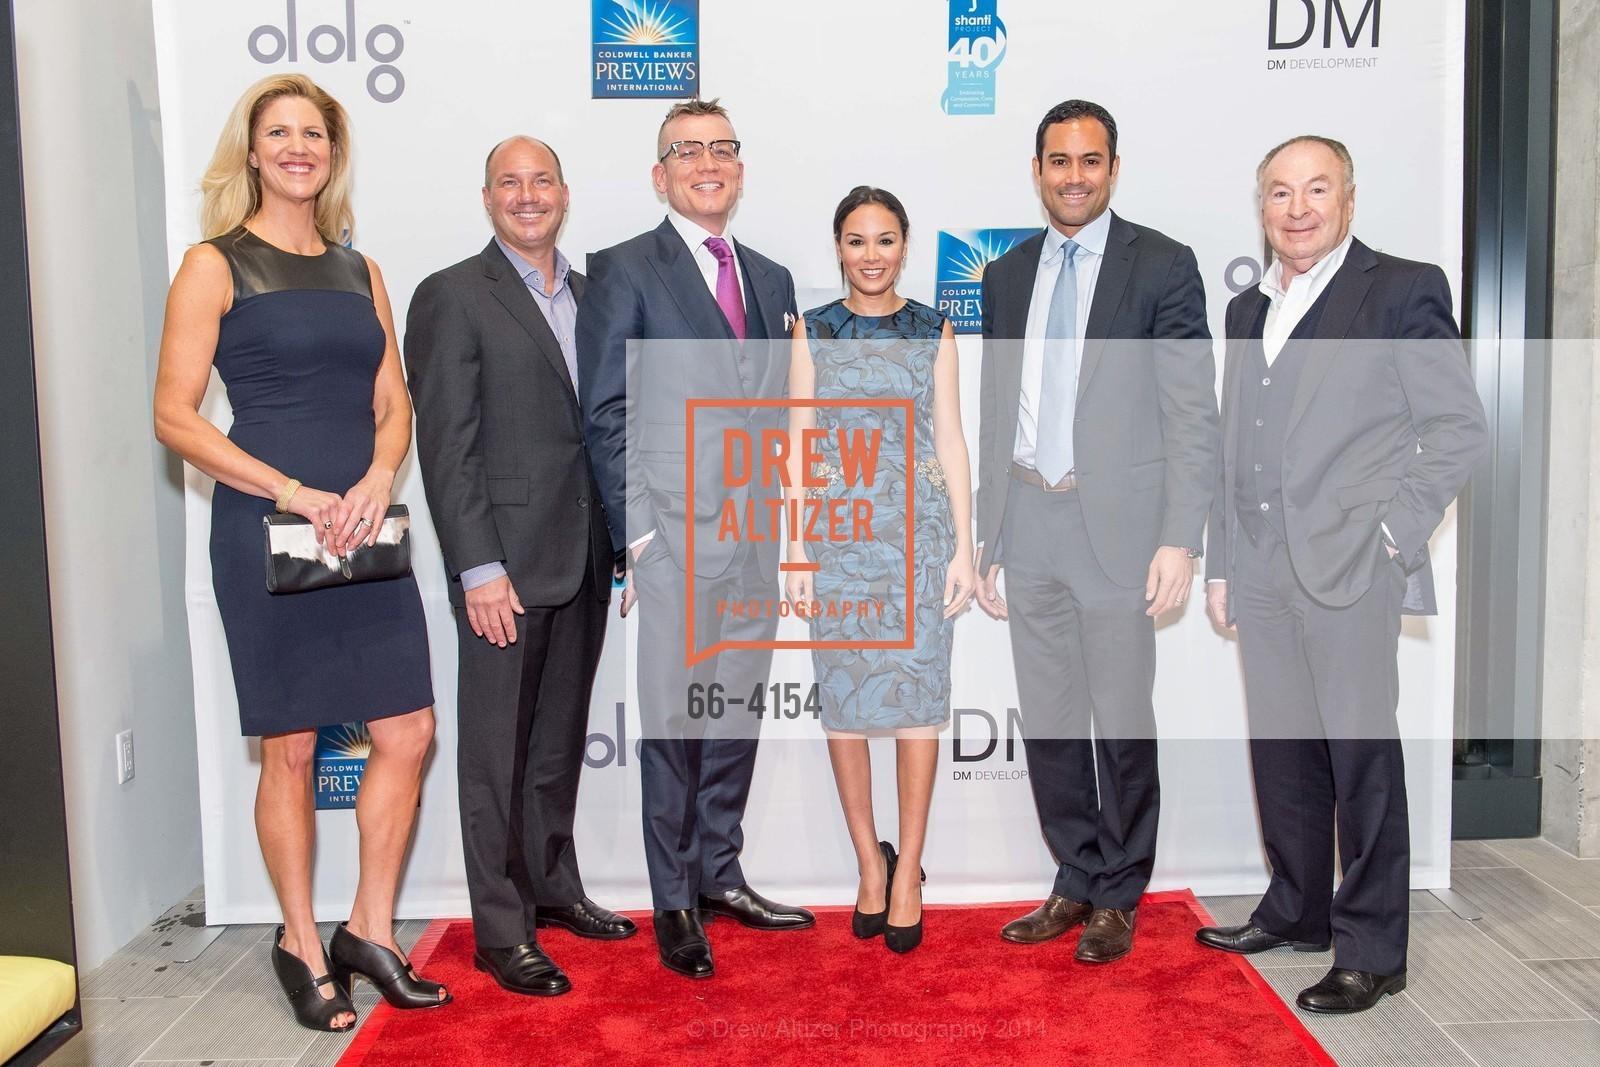 Danielle Dignan, Chris Prokop, Joe McMillan, Bahya Murad, Mark MacDonald, Daniel Faitowitz, Photo #66-4154